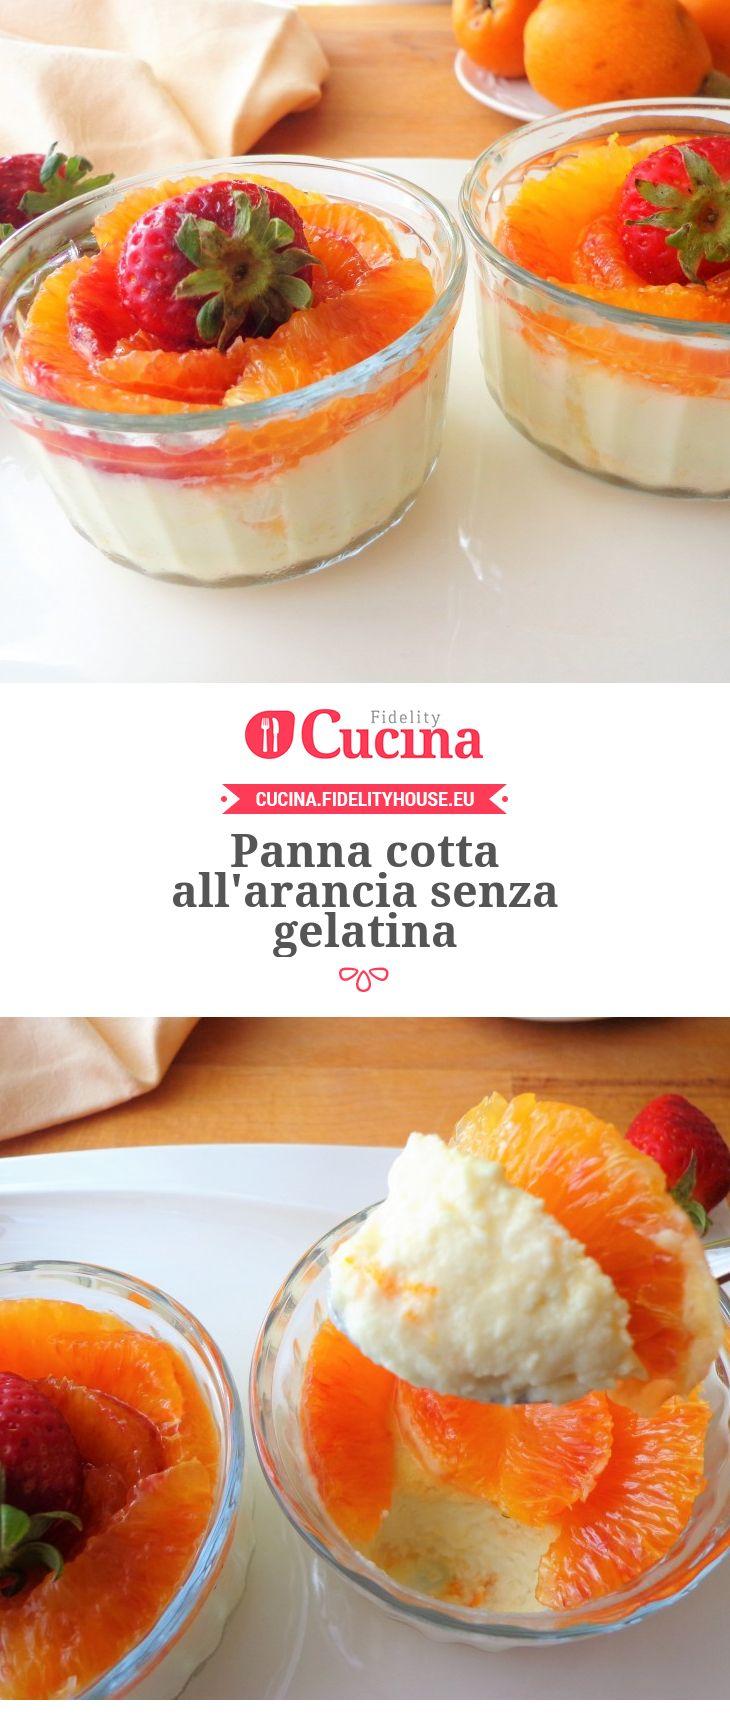 Panna cotta all'arancia senza gelatina della nostra utente Magdalena. Unisciti alla nostra Community ed invia le tue ricette!